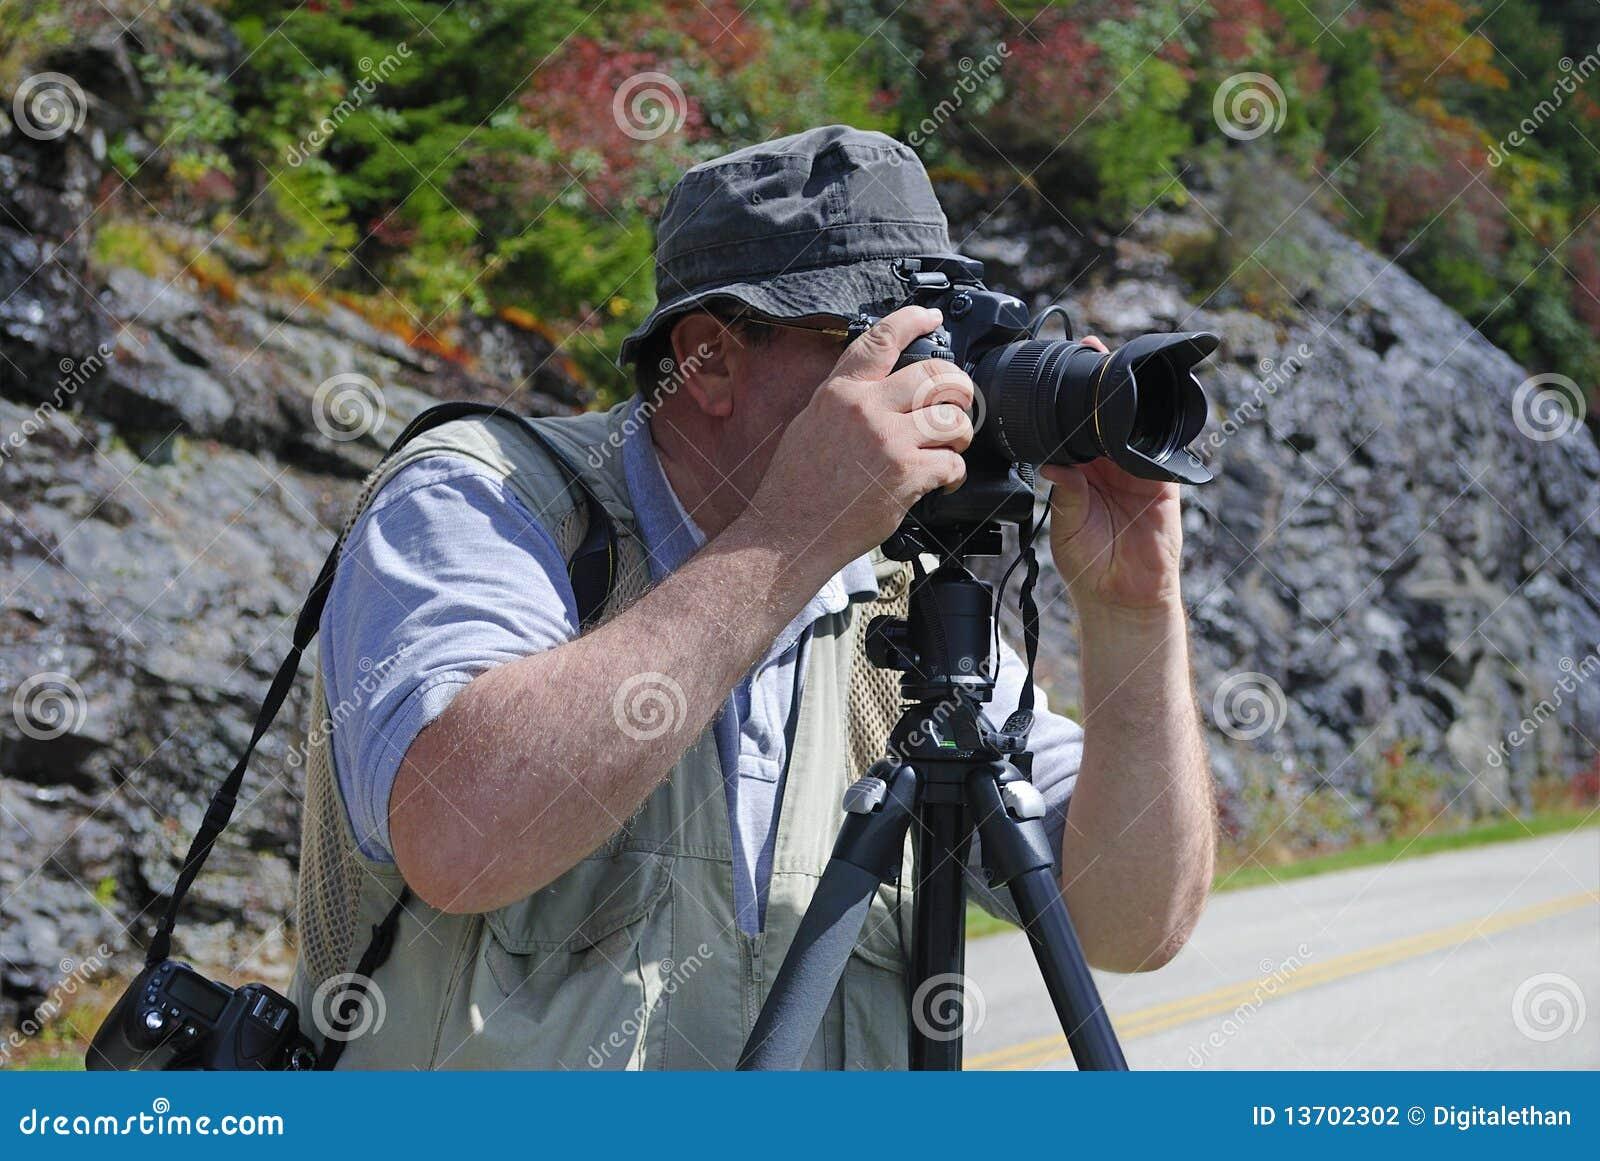 Professional for för fotofotograf